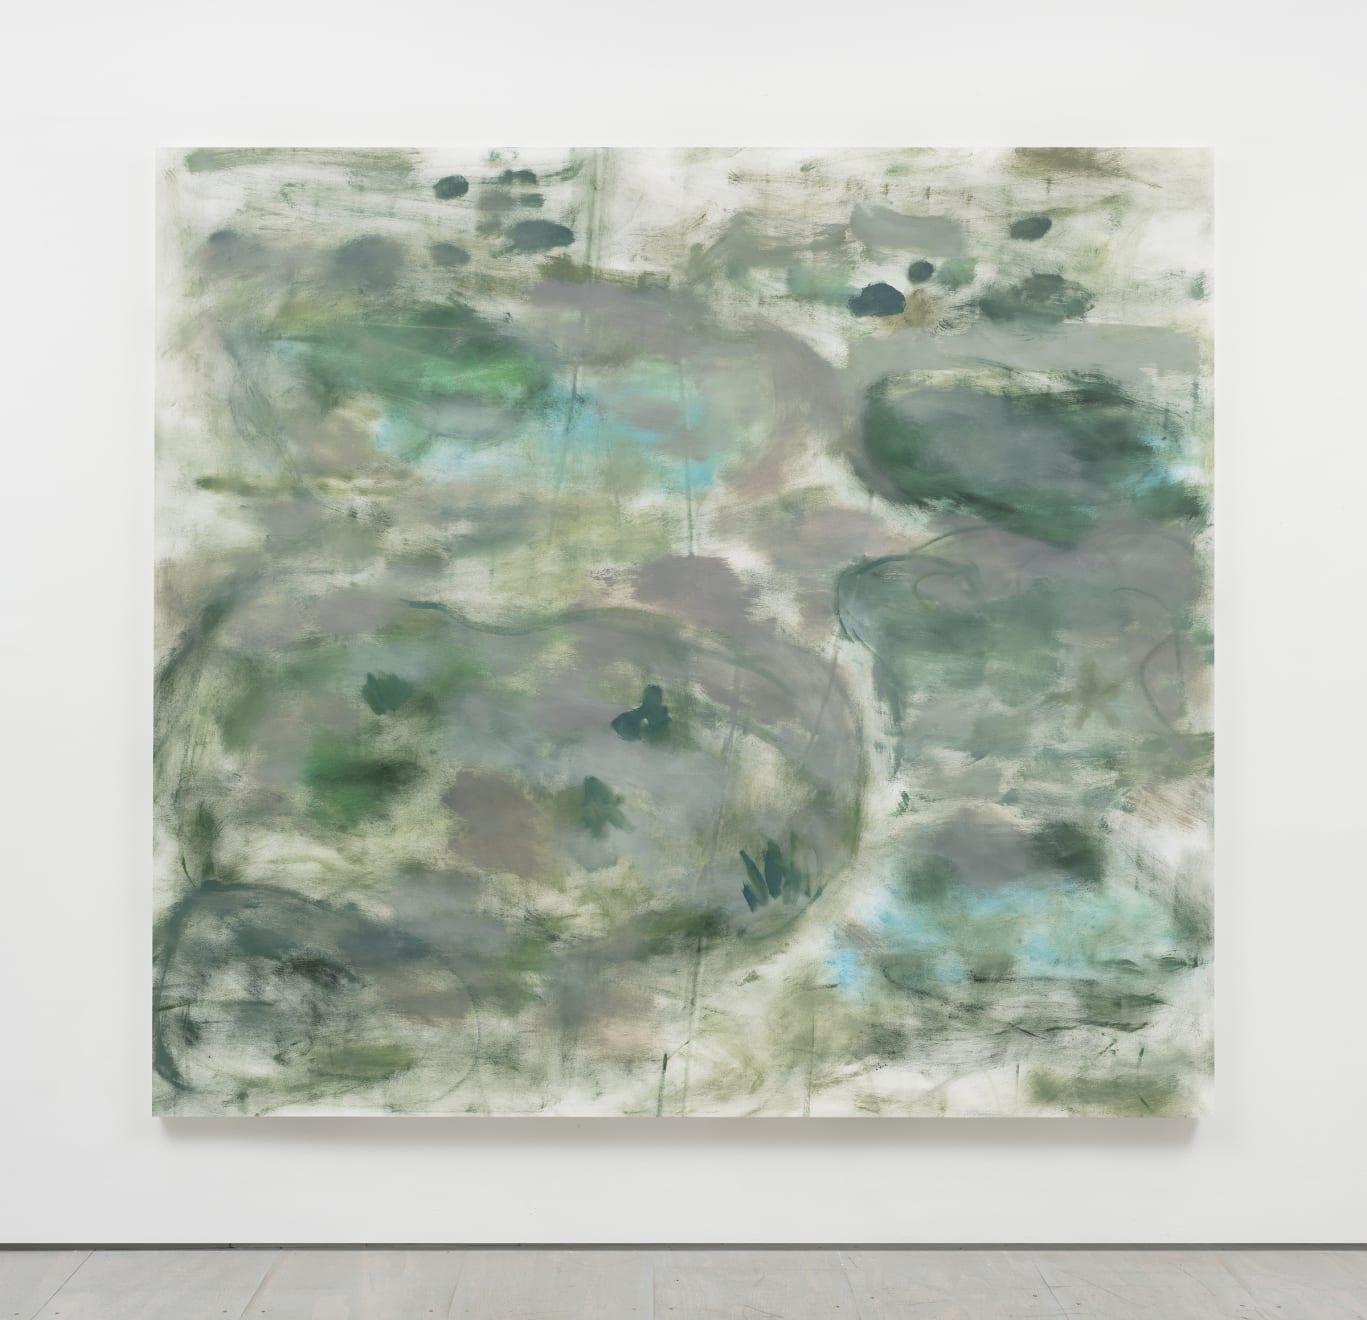 Trevor Shimizu, Tide Pools (2), 2020